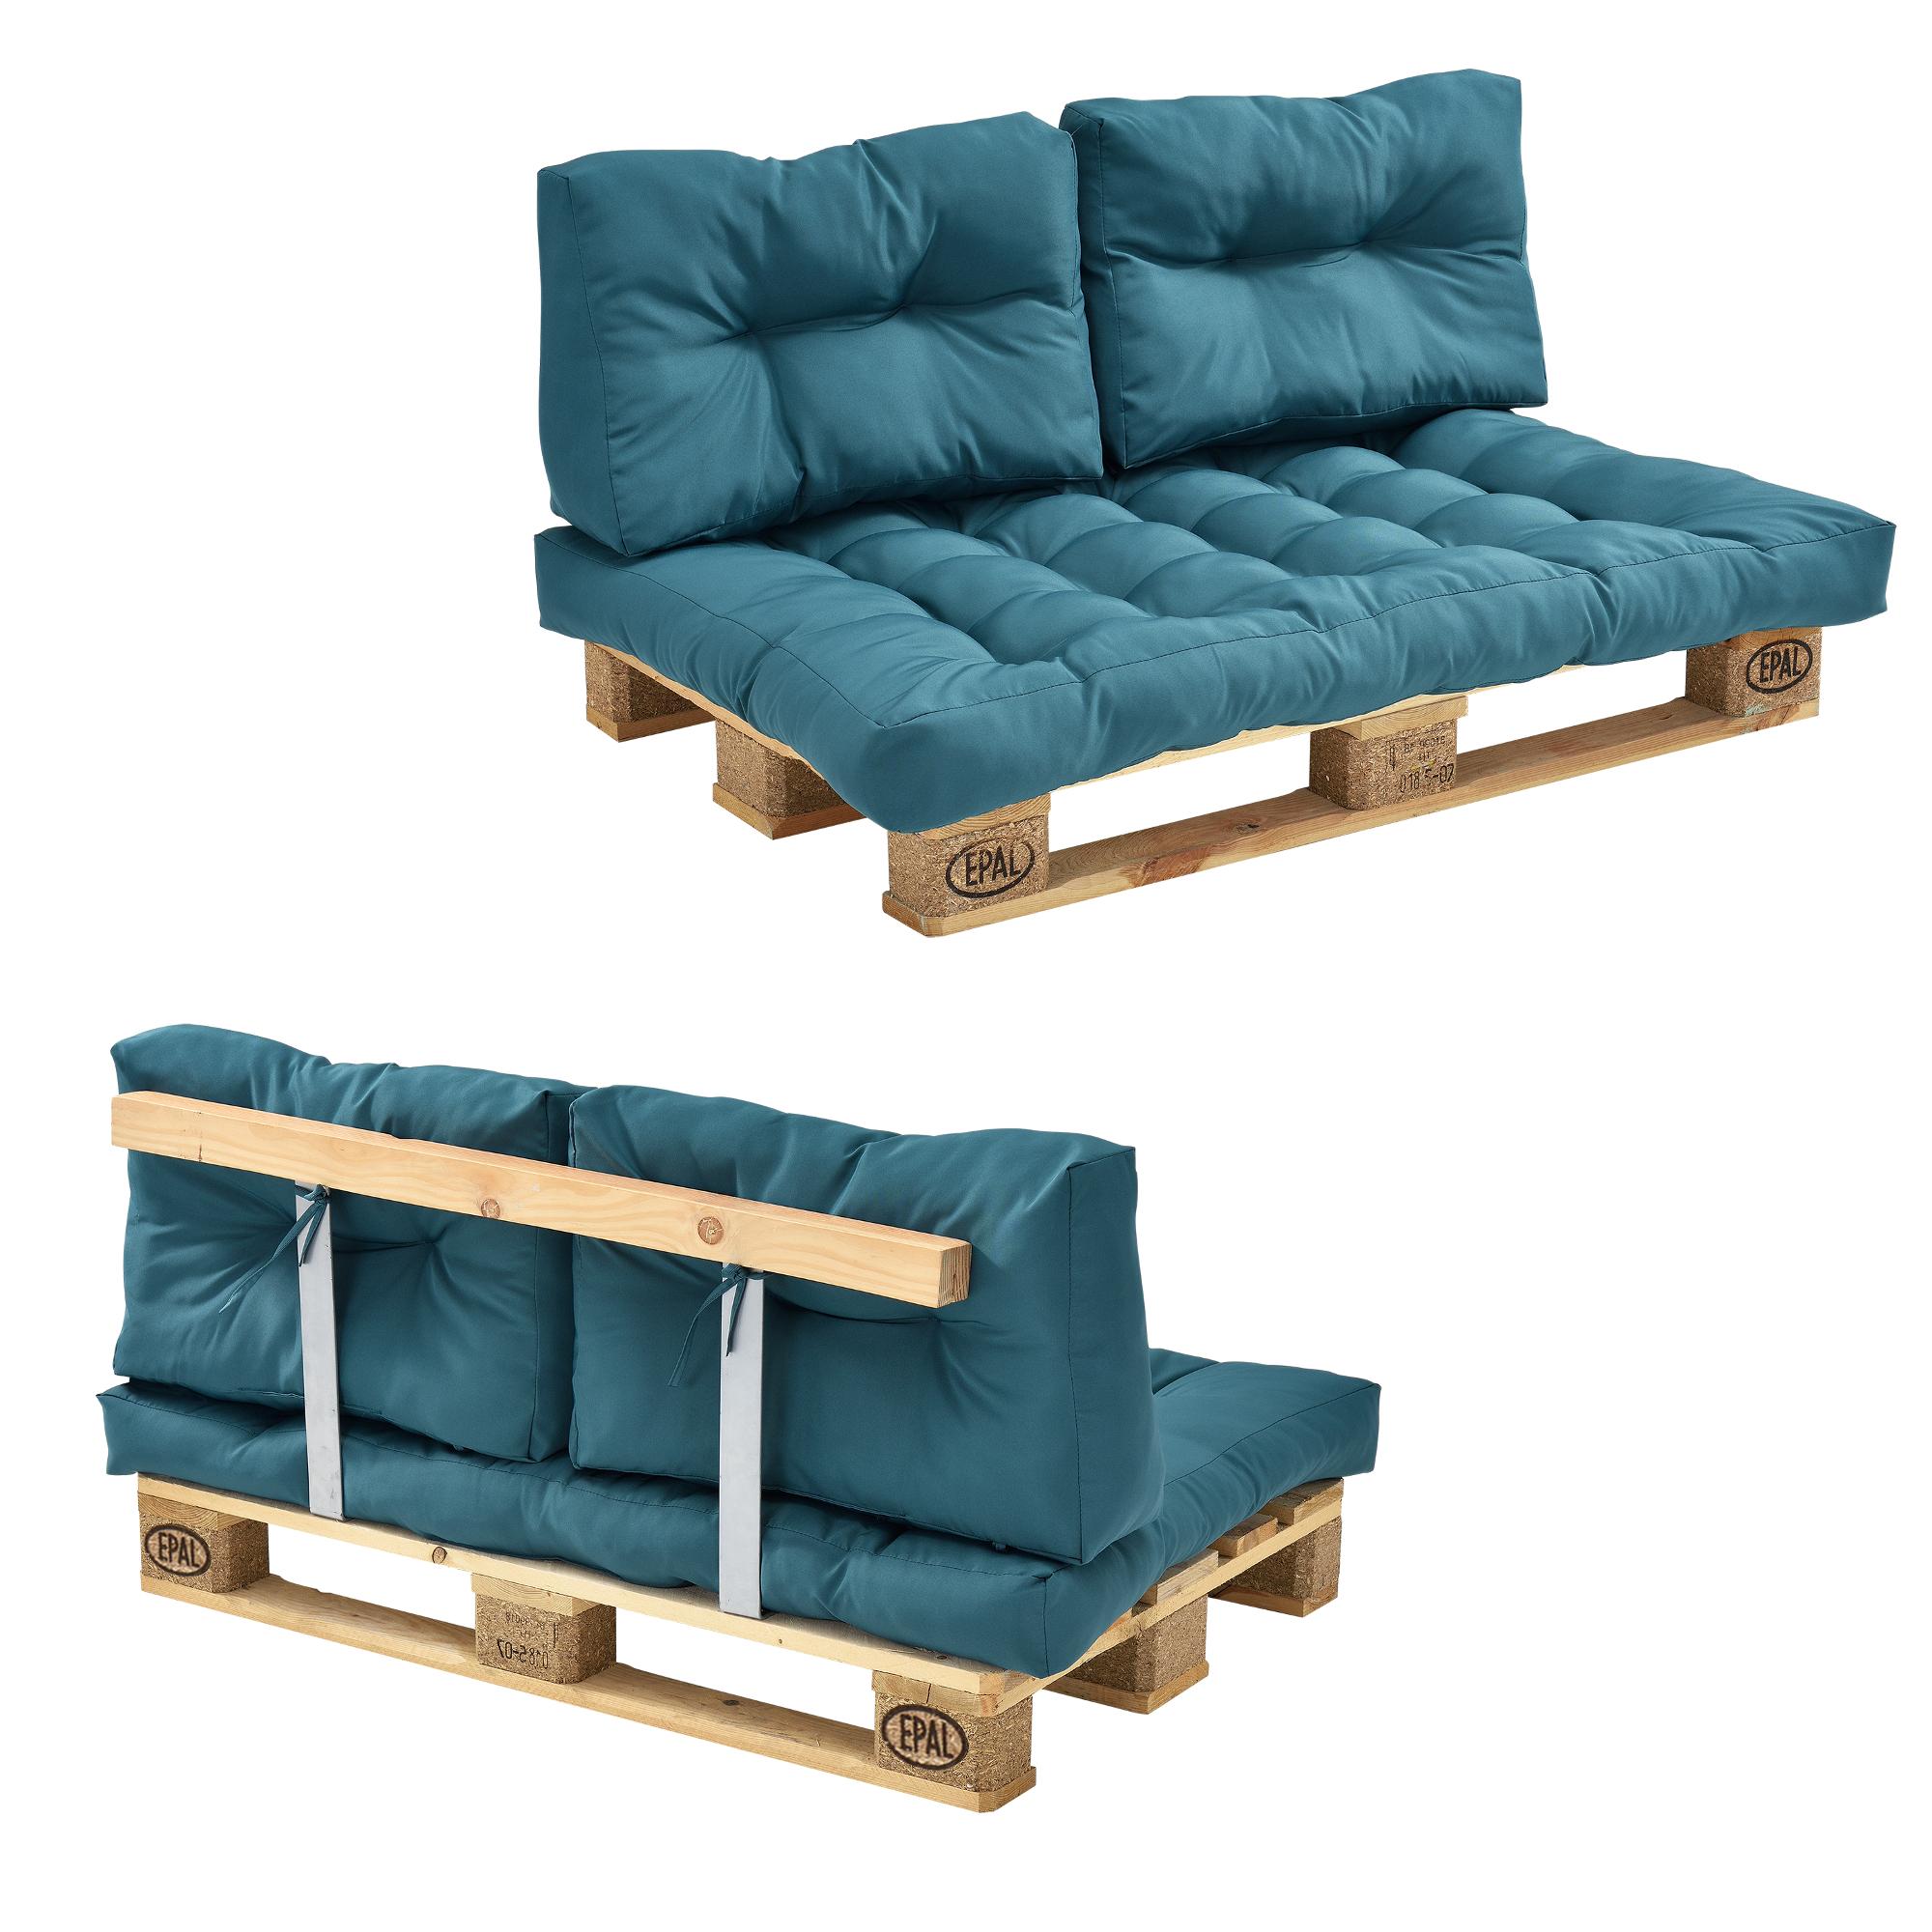 euro paletten sofa t rkis 2 sitzer mit paletten polster kissen lehnen 4059438105968 ebay. Black Bedroom Furniture Sets. Home Design Ideas